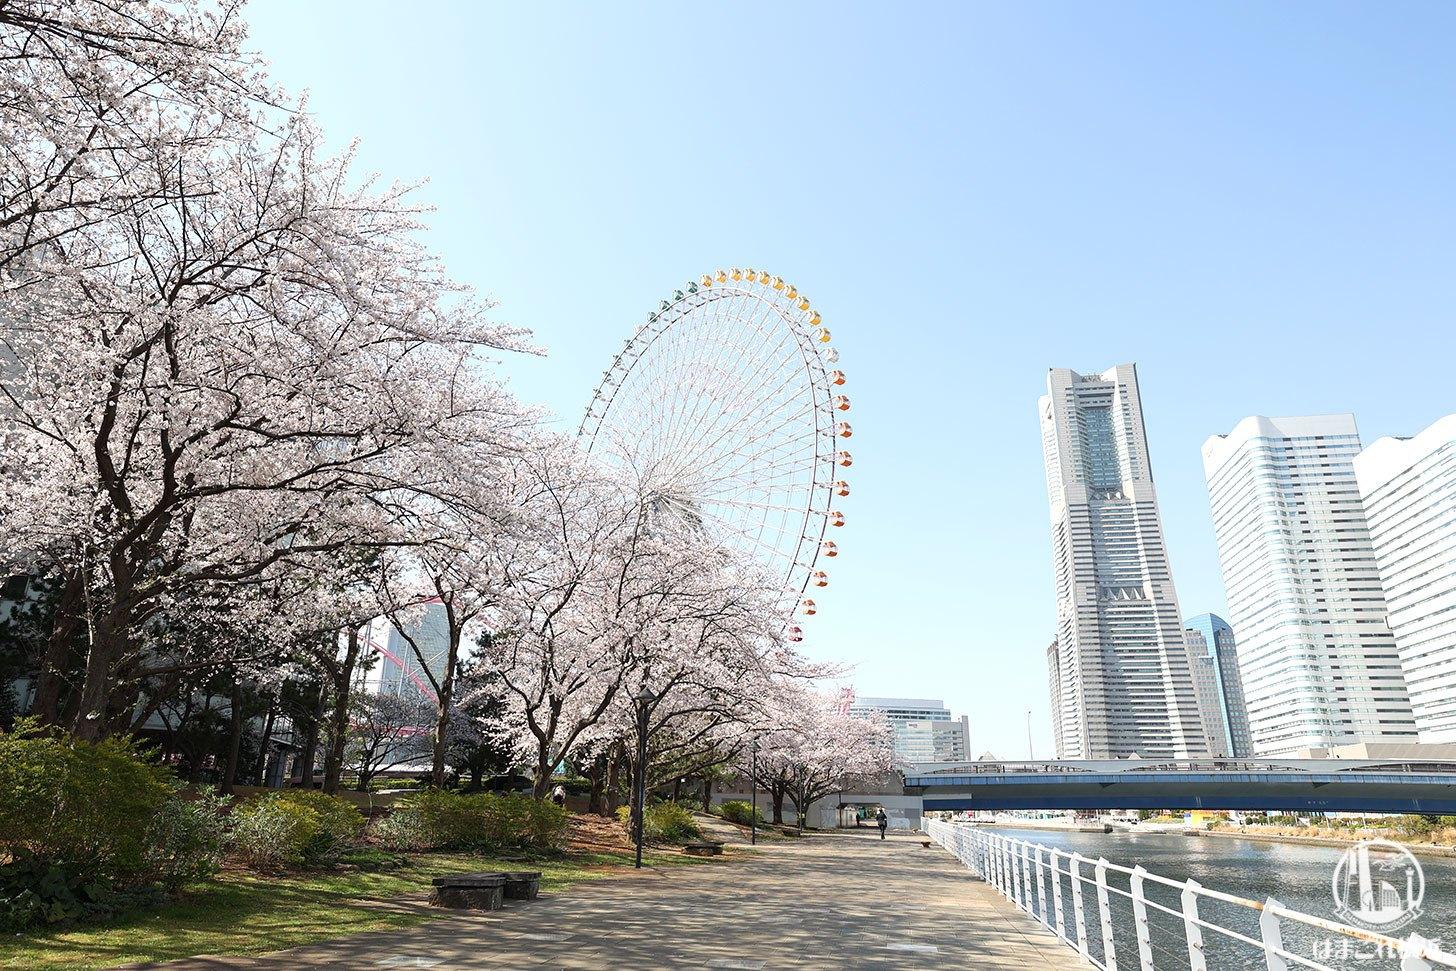 新港パーク(カップヌードルミュージアムパーク)の桜